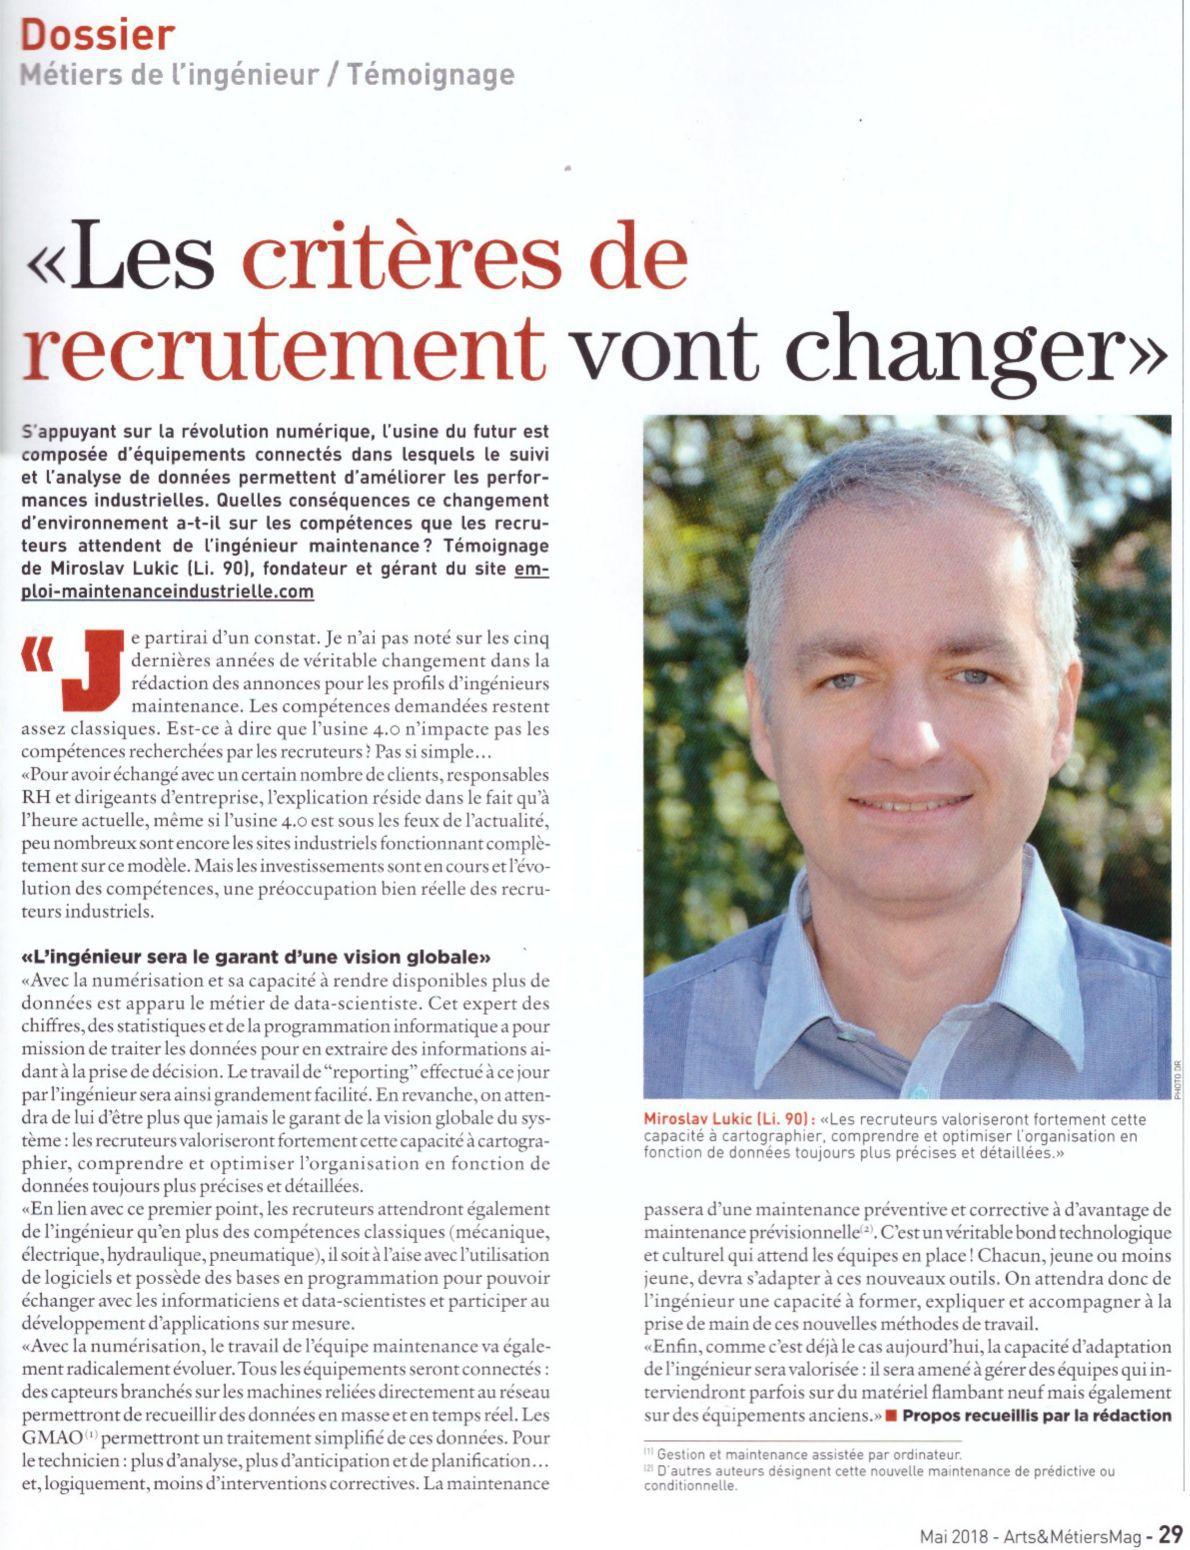 Compétence de l'ingénieur maintenance : Les critères de recrutement vont changer